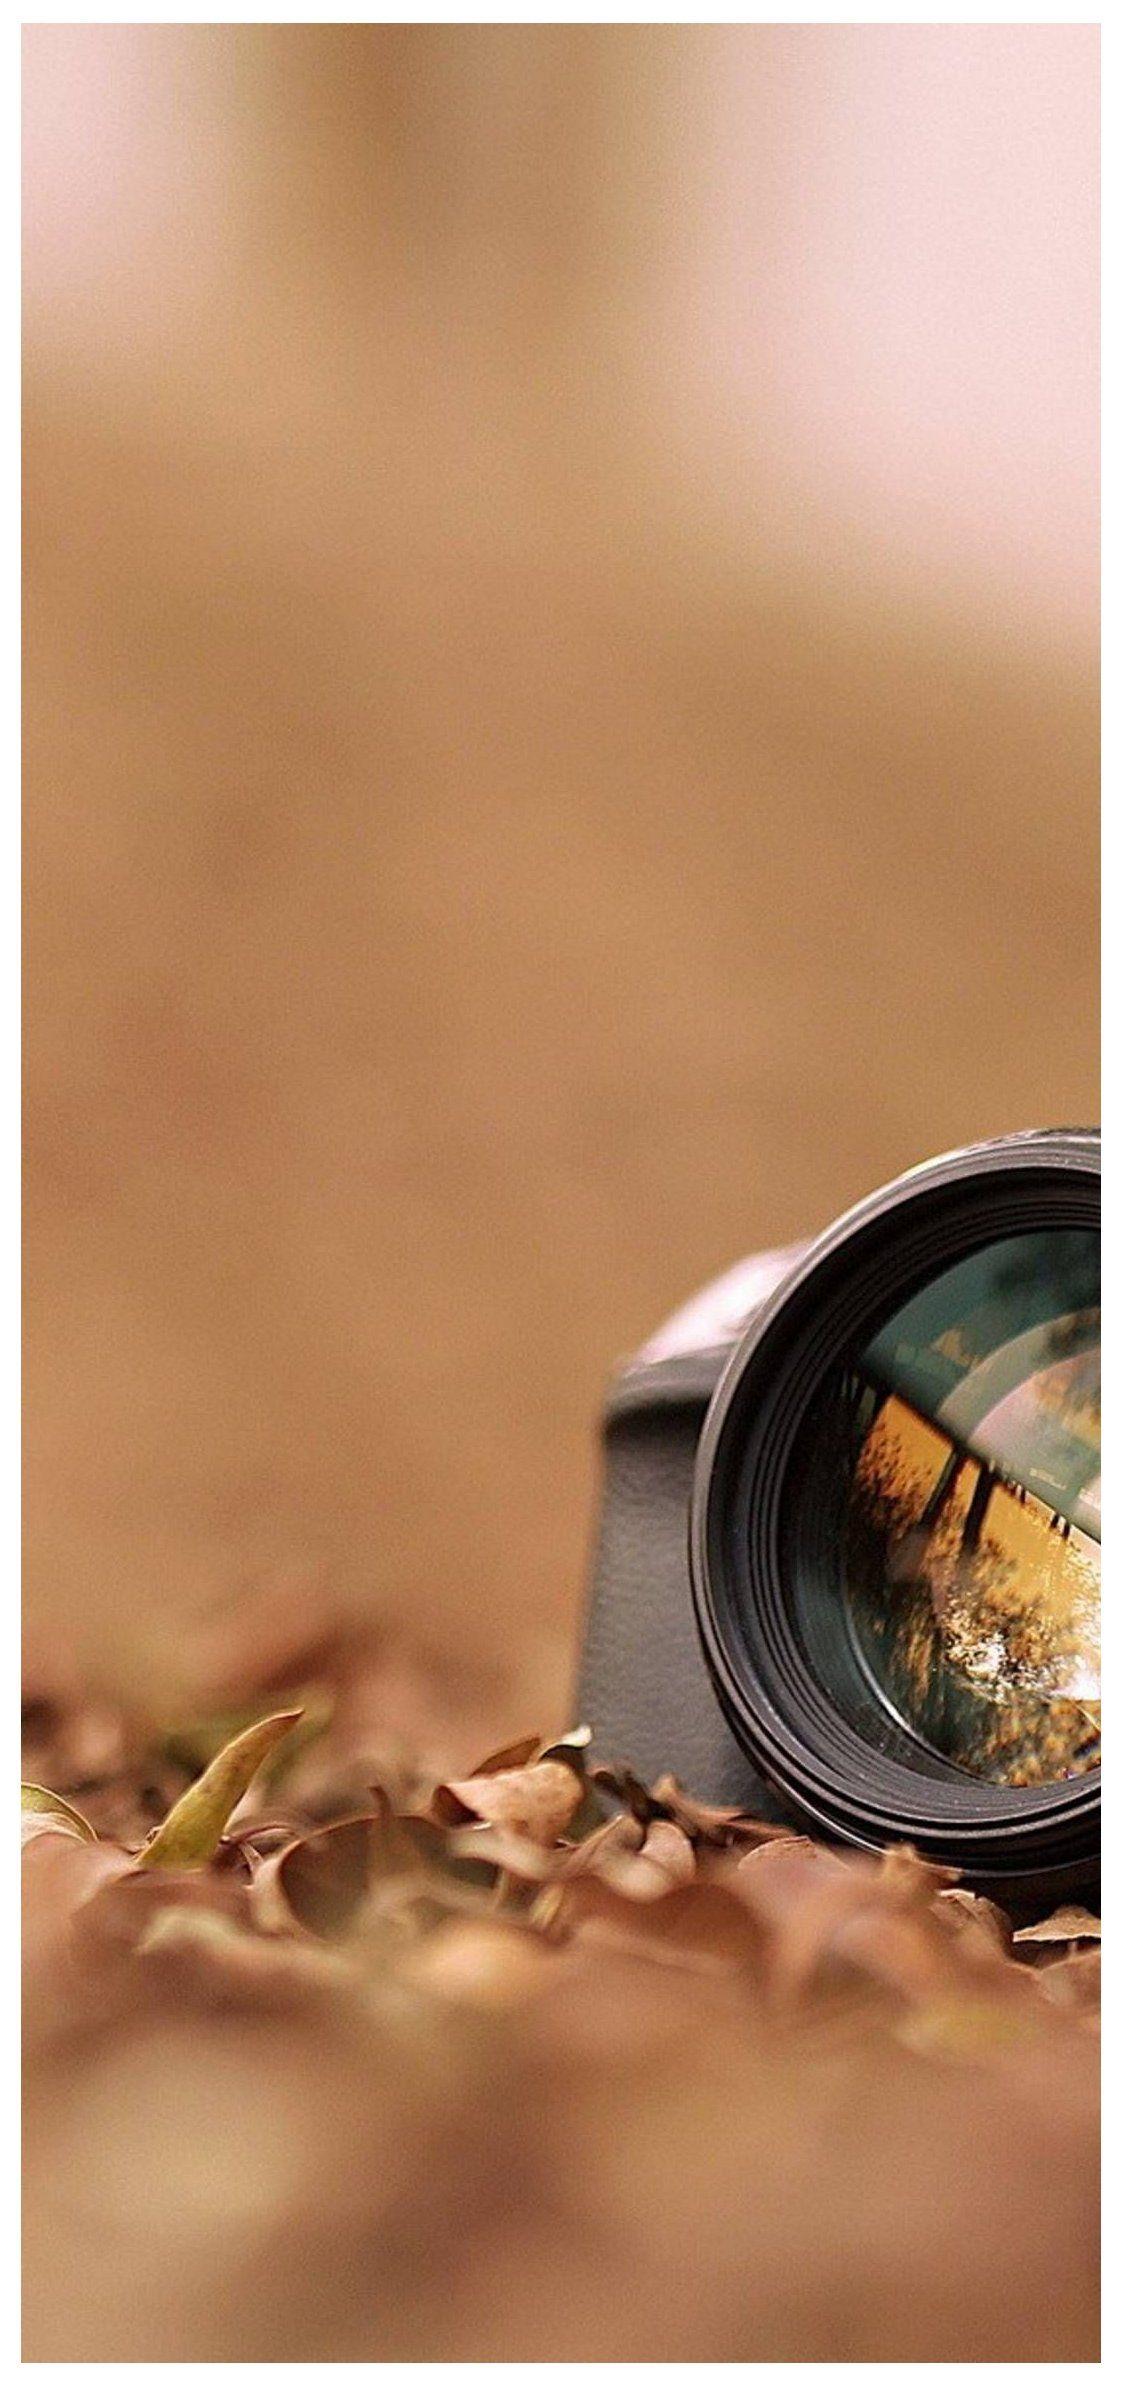 Canon Hd Photos Wallpaper 1080x2340 Nikon Camera Wallpaper Hd Nikoncamerawallpaperhd Canon Camera Wallpaper Watercolor Wallpaper Iphone Photography 4k